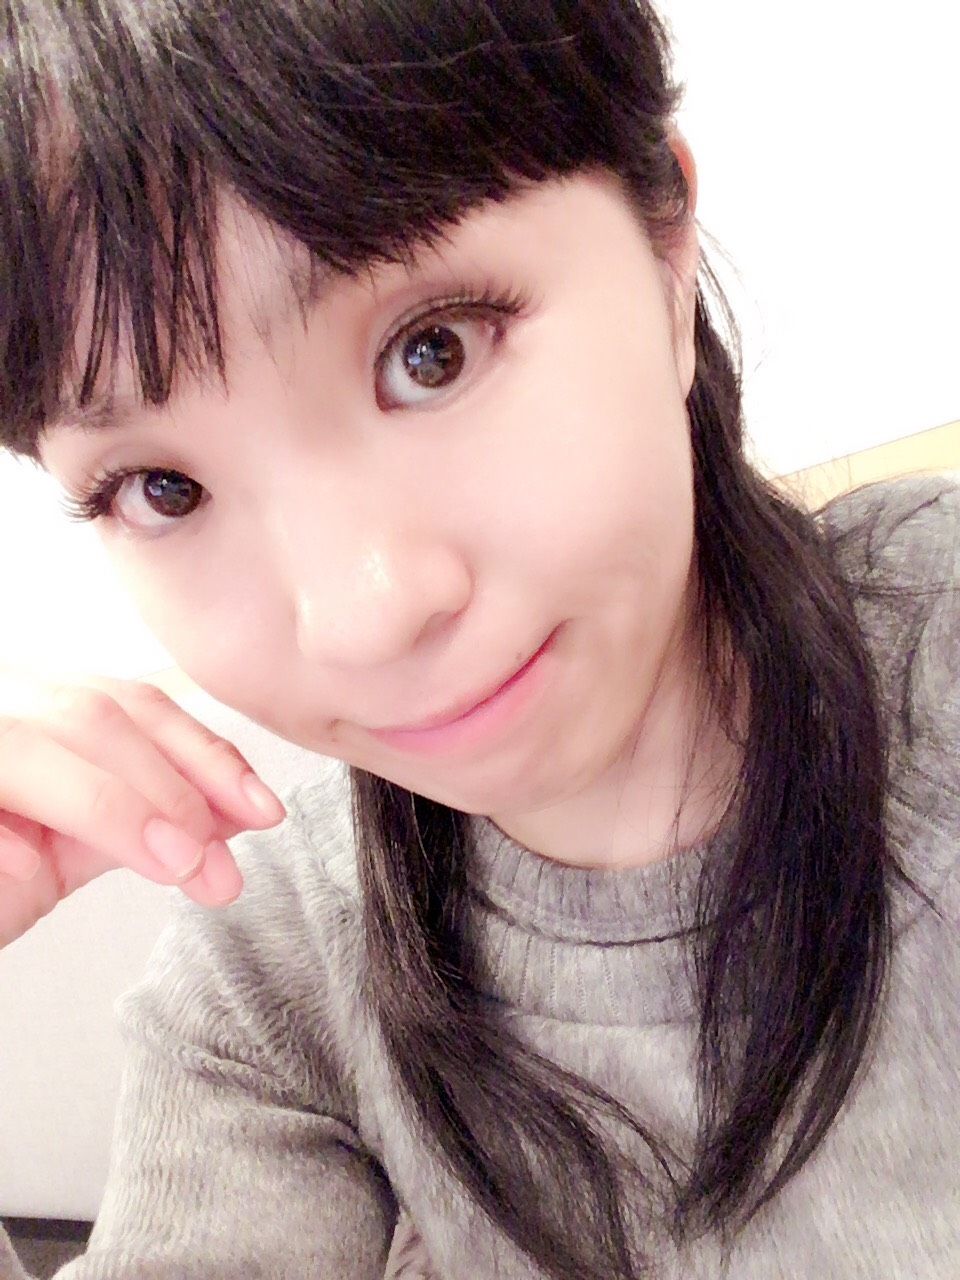 愛と笑いをお届けする歌姫・あきの幸せになる50の方法〜その37